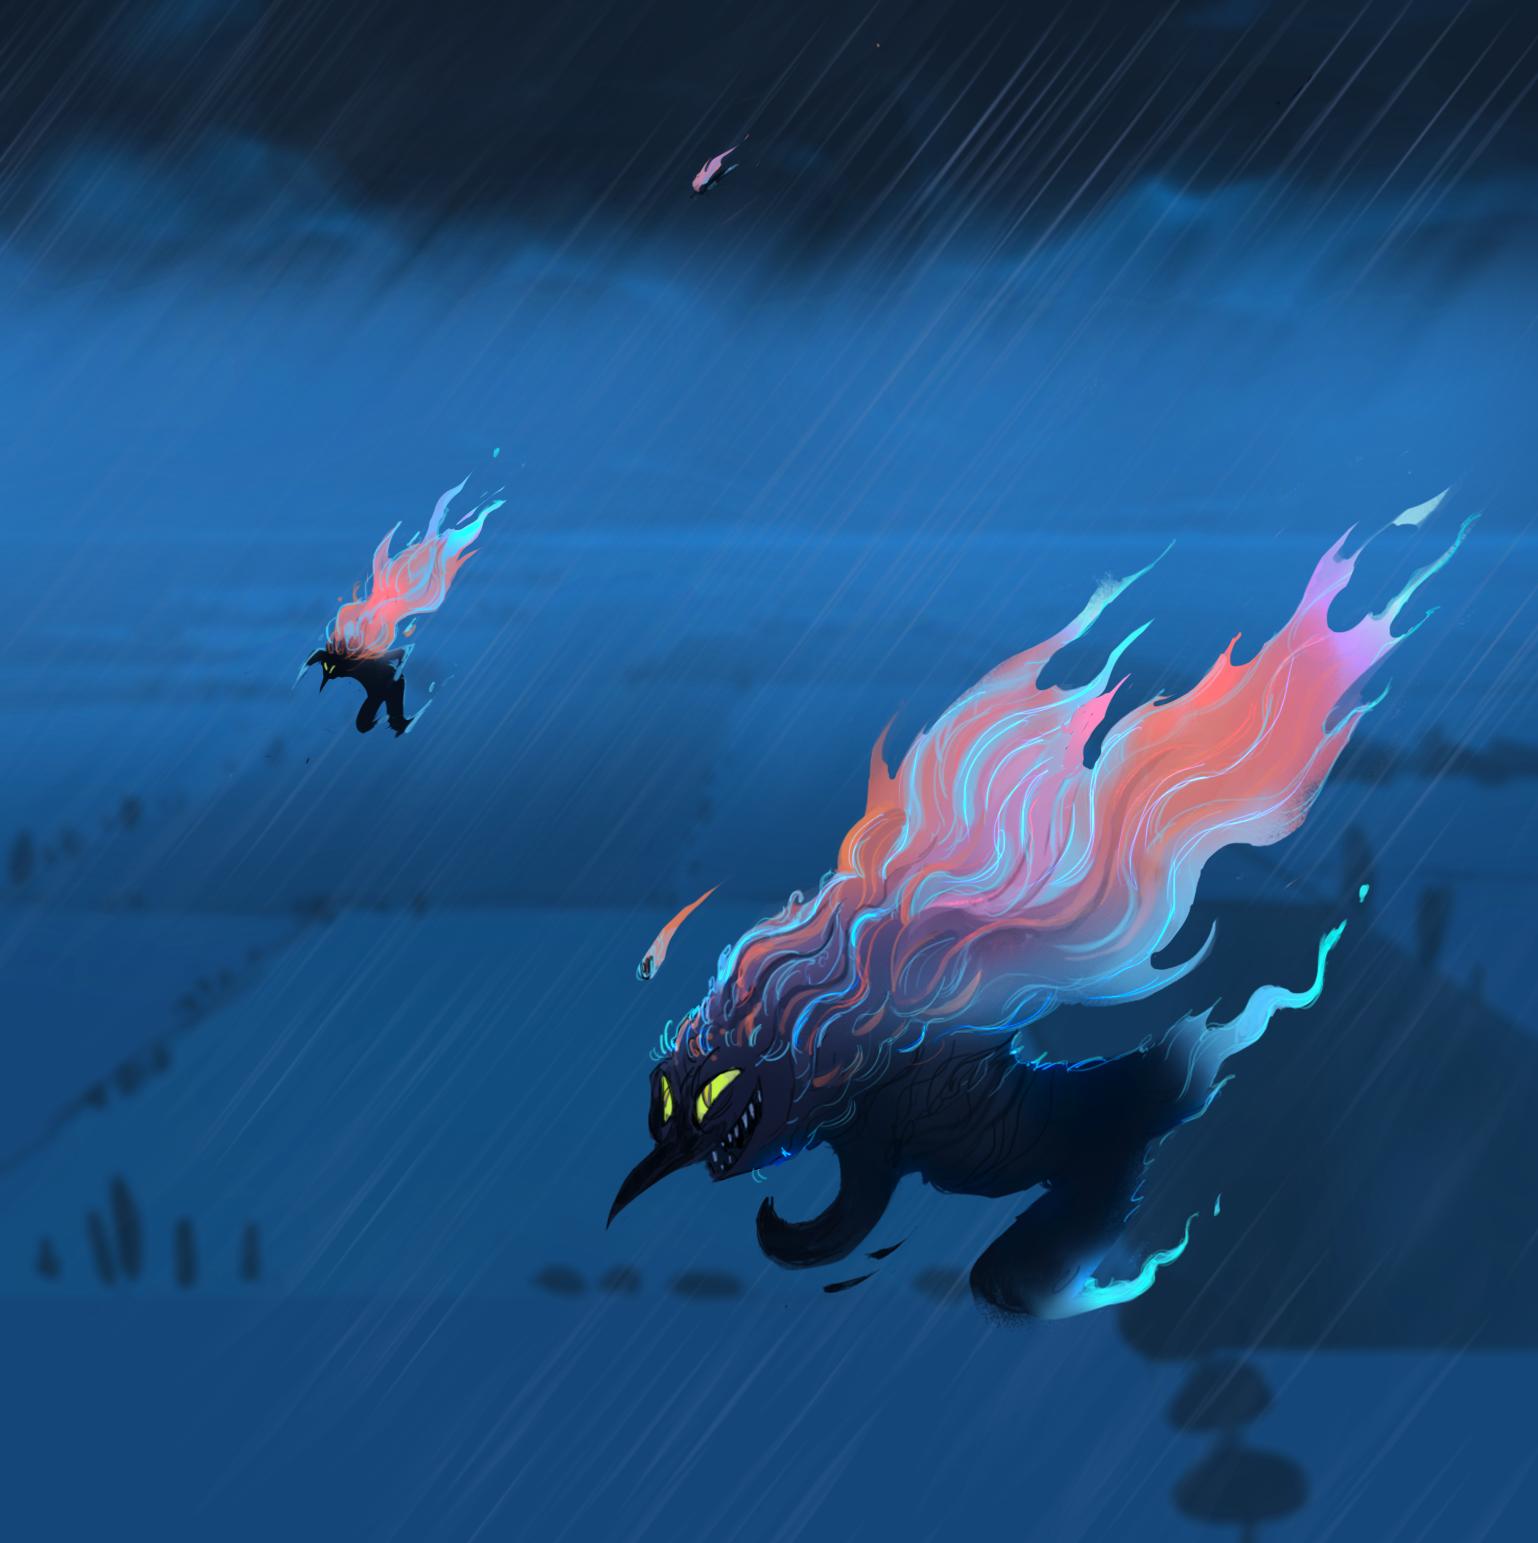 Die Geister des Sturms